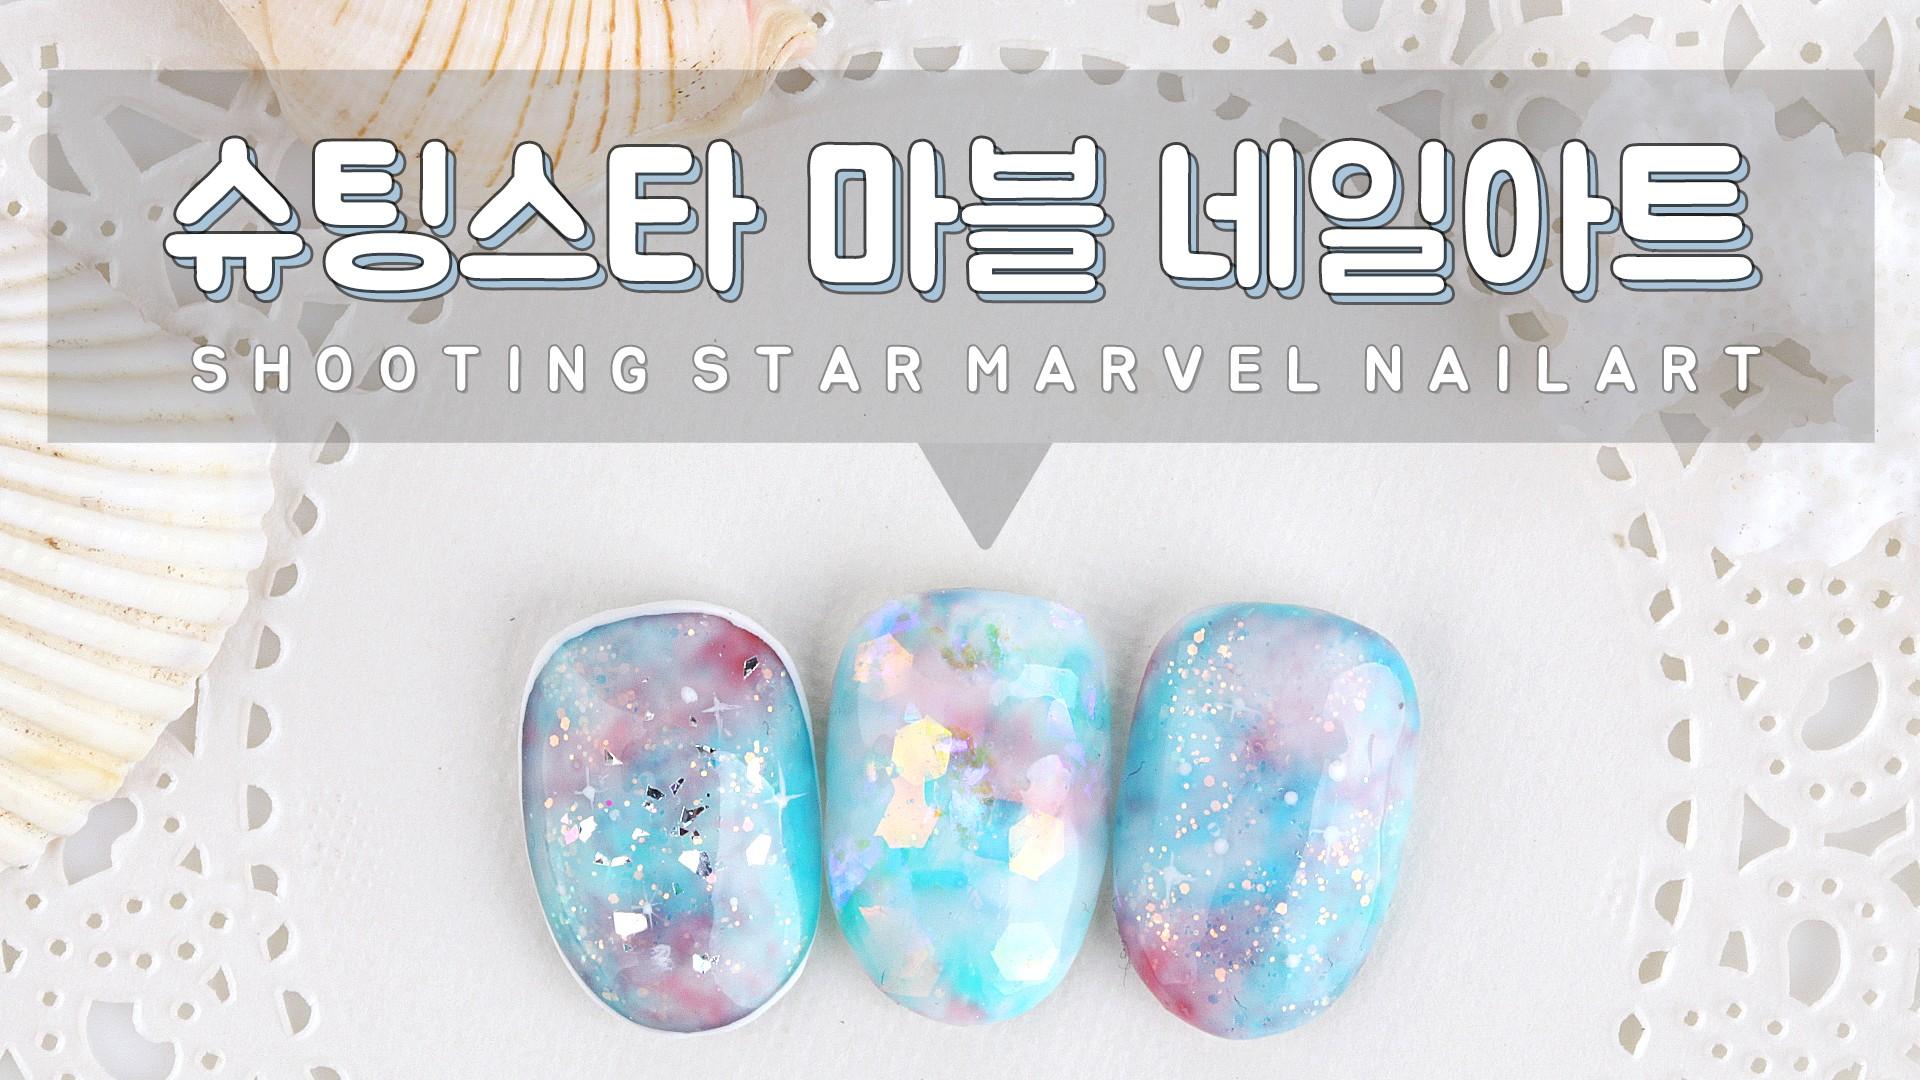 슈팅스타 마블 셀프네일 하는법 /Shooting star marble nail art